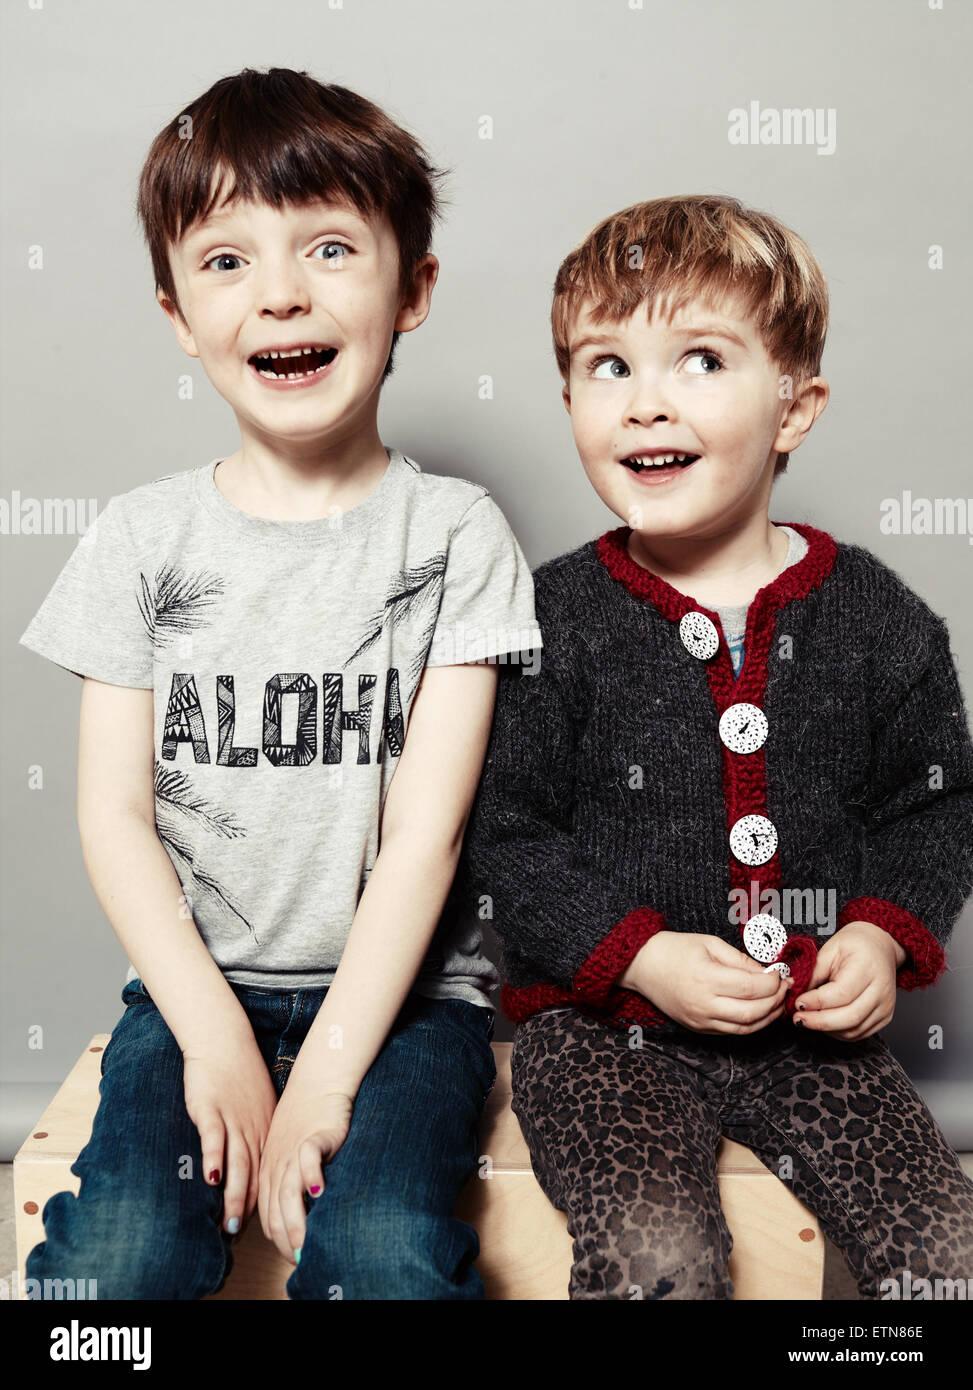 Retrato de dos muchachos feliz ser tonto Foto de stock